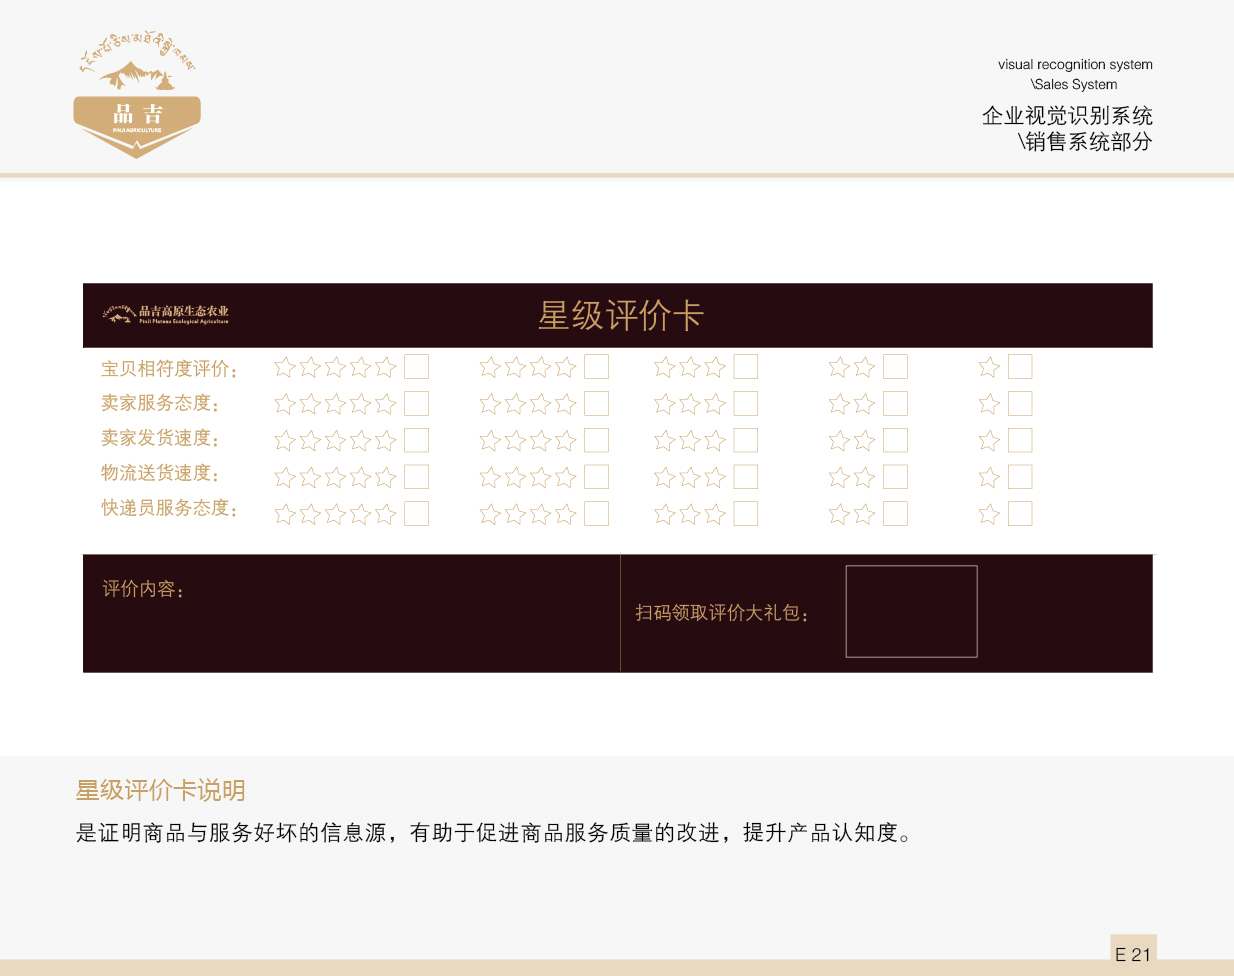 品吉农业VI 销售系统部分  客户资料  第22张